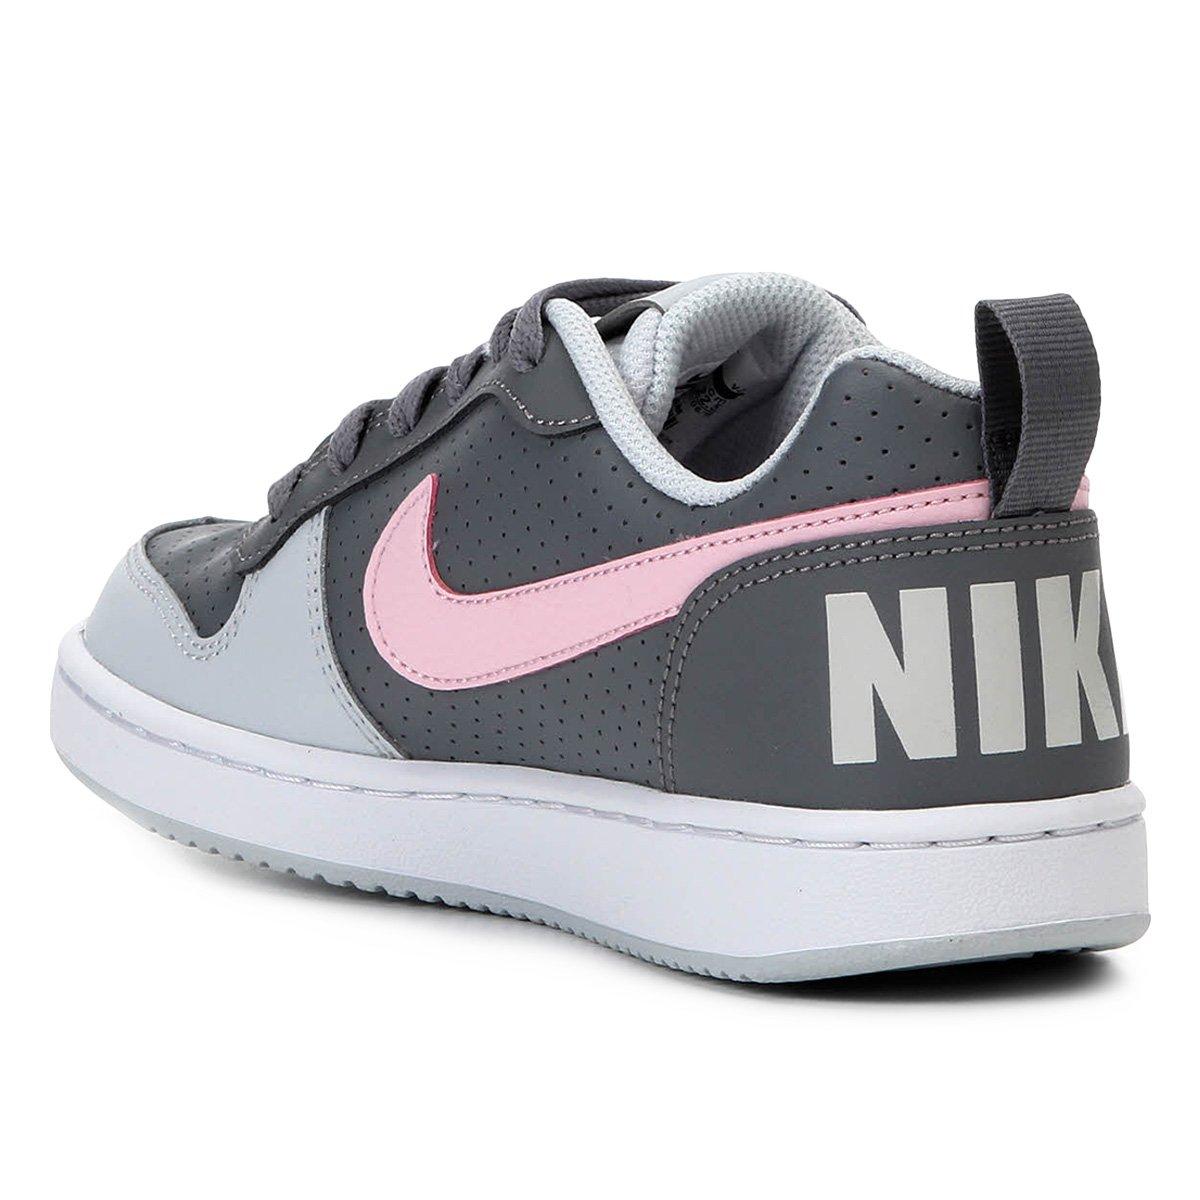 2d4f829e64 Tênis Infantil Nike Court Borough Low Feminino